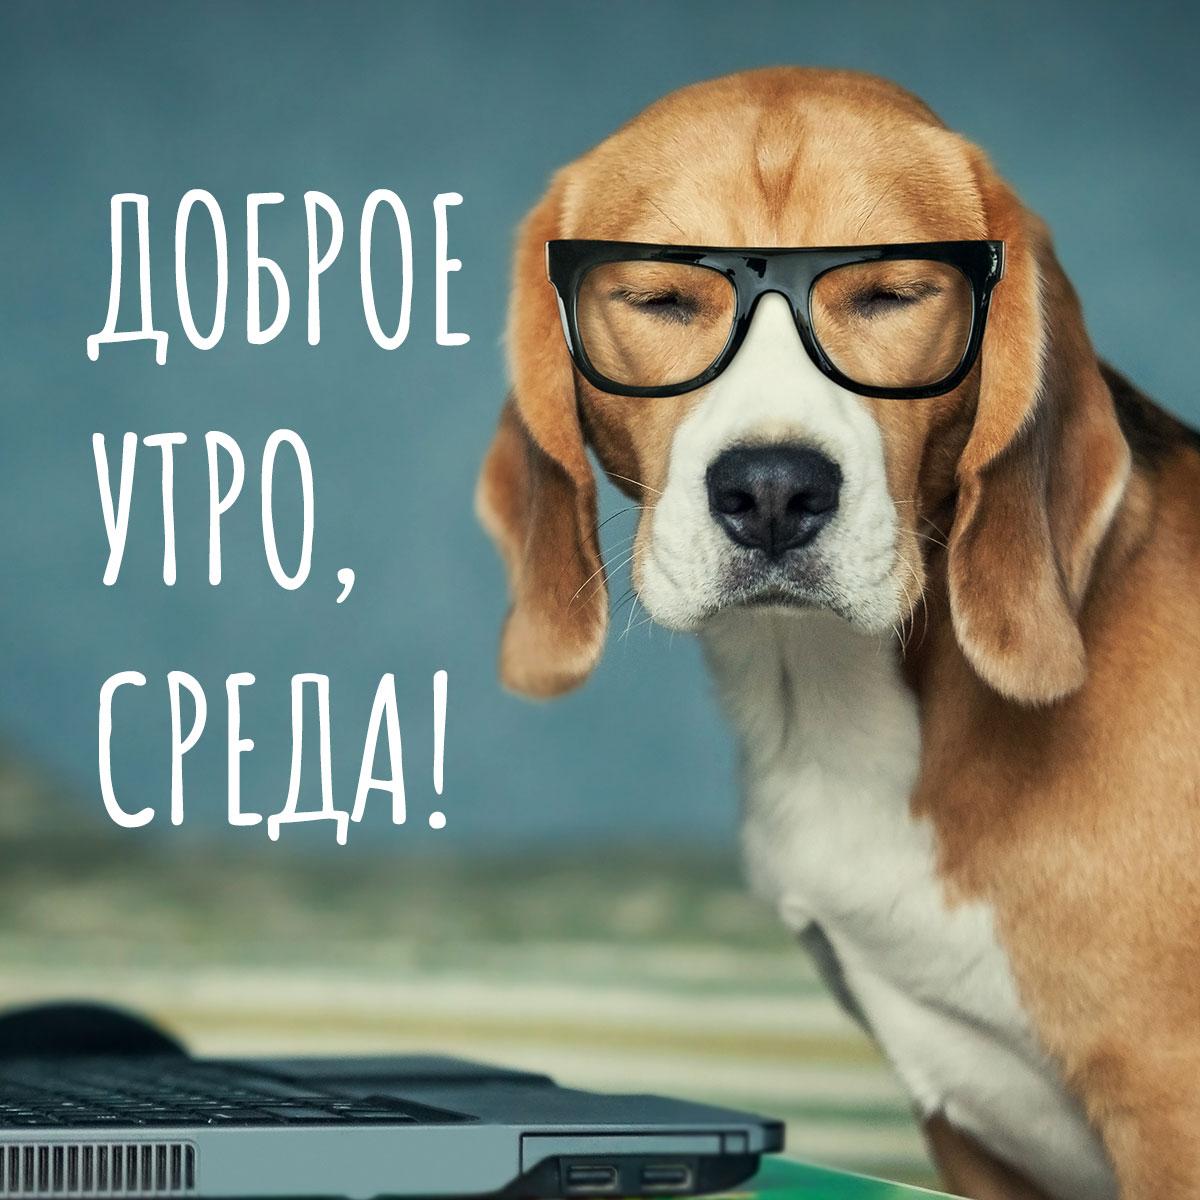 Фото с подписью доброе утро среда: собака с коричневой шерстью в очках возле открытого ноутбука.